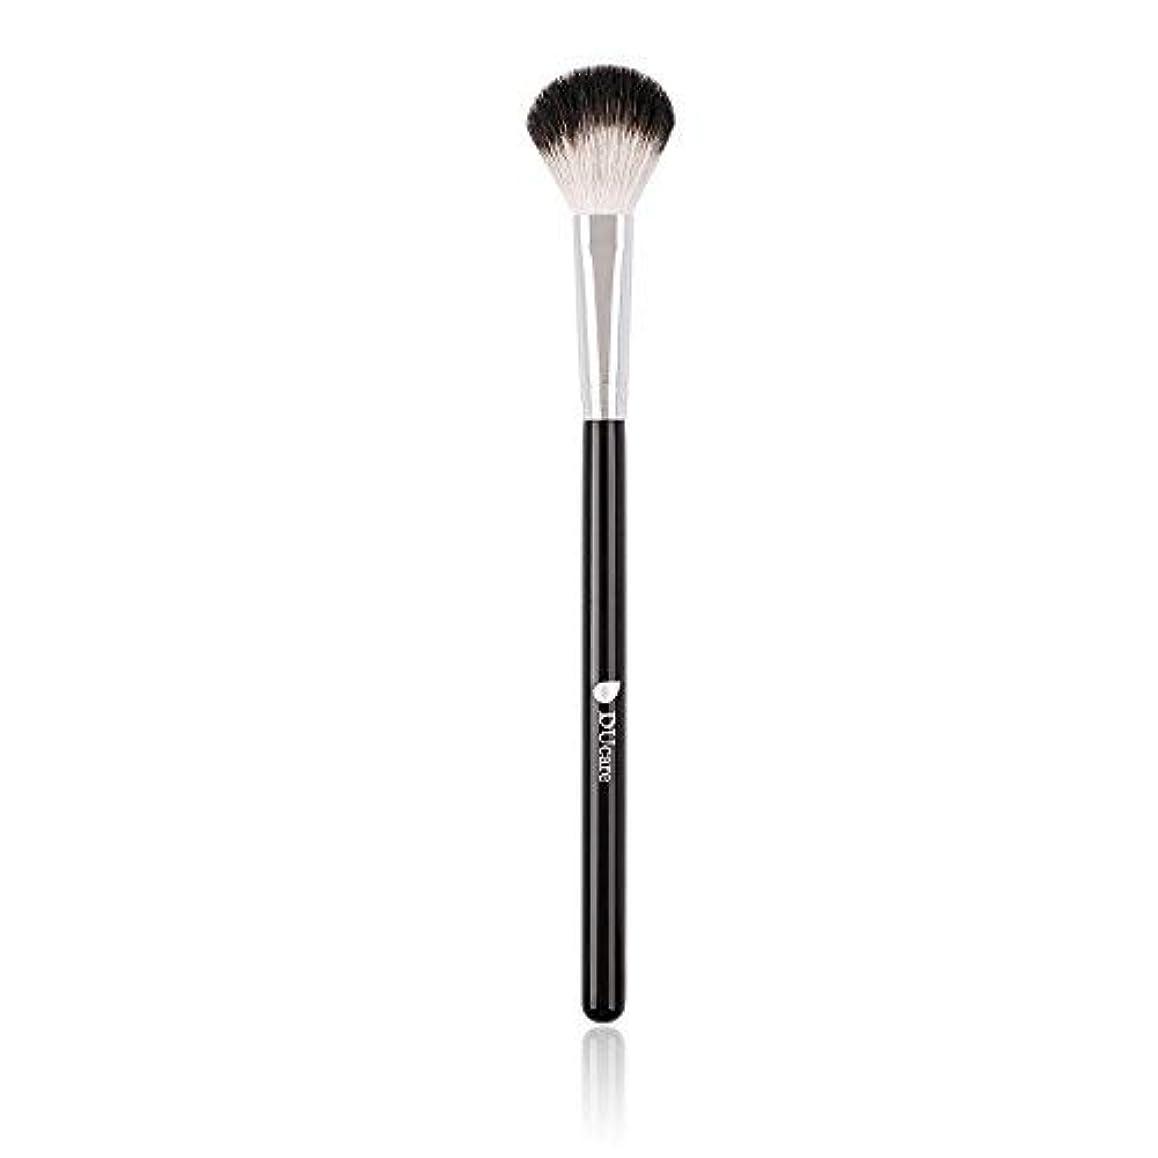 脈拍腰ここにDUcare 化粧筆 ハイライトブラシ 白尖峰を100%使用 ハイライト&チック&パウダー用